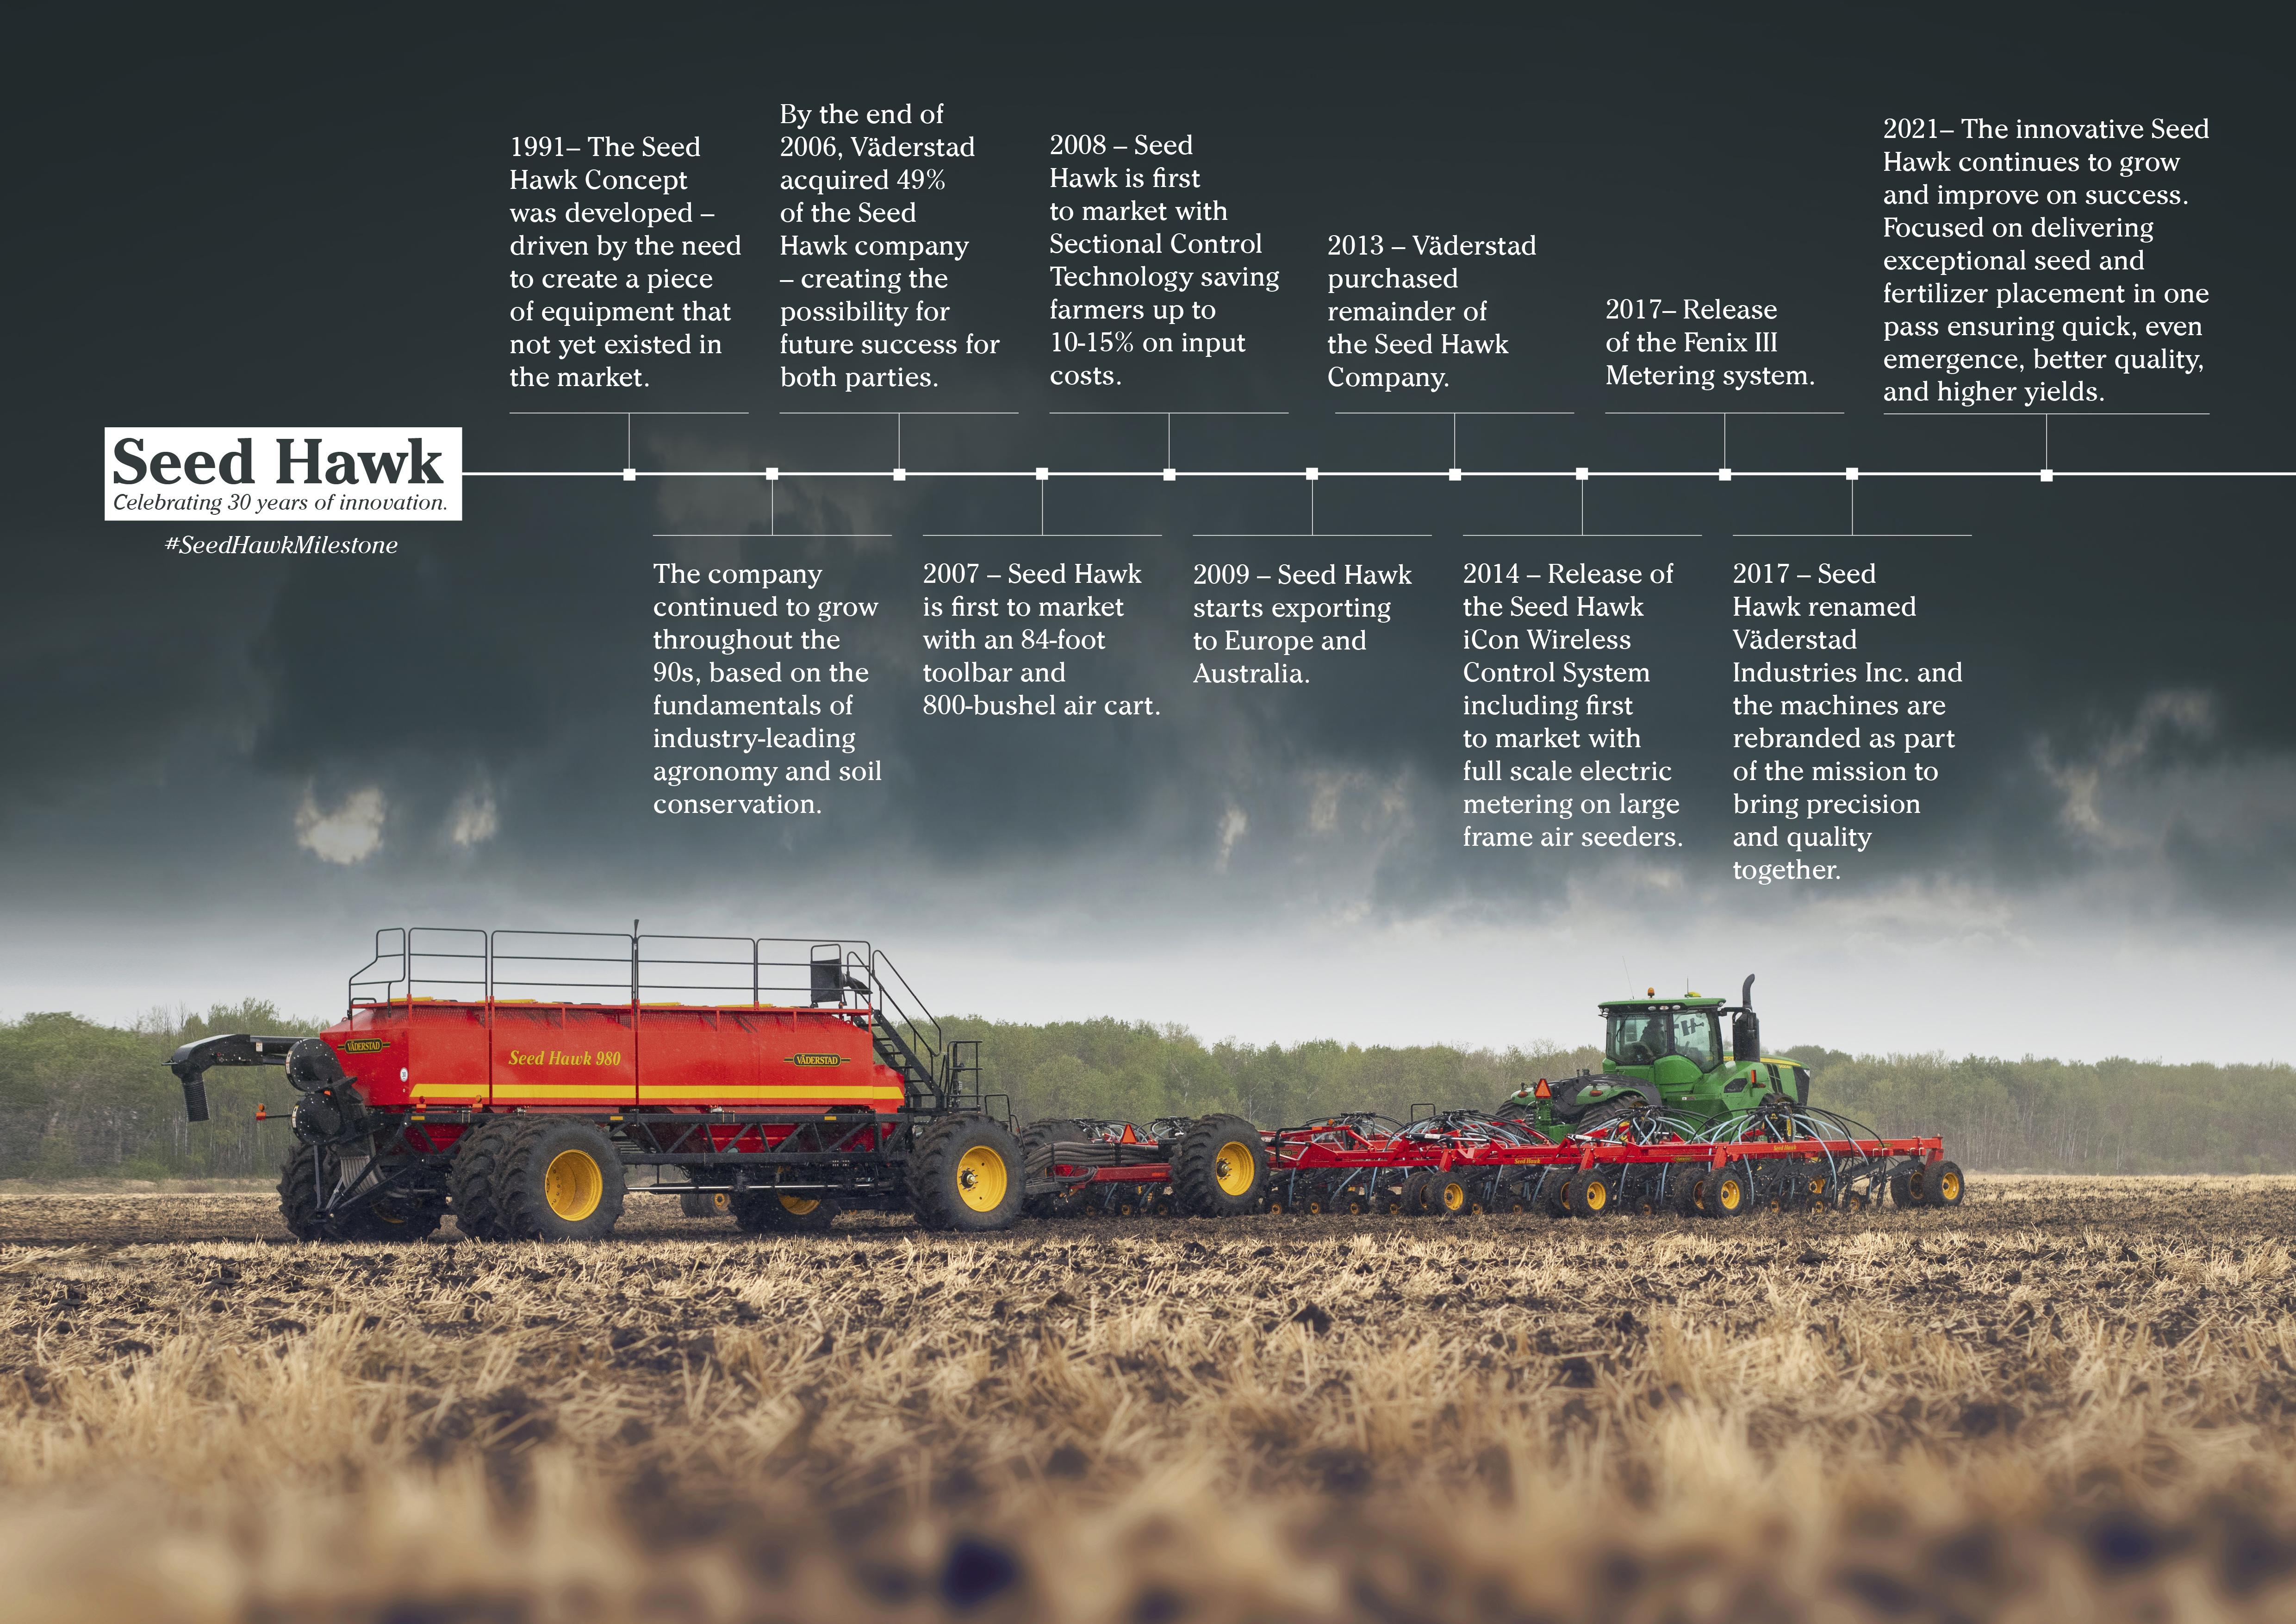 Seed Hawk Timeline